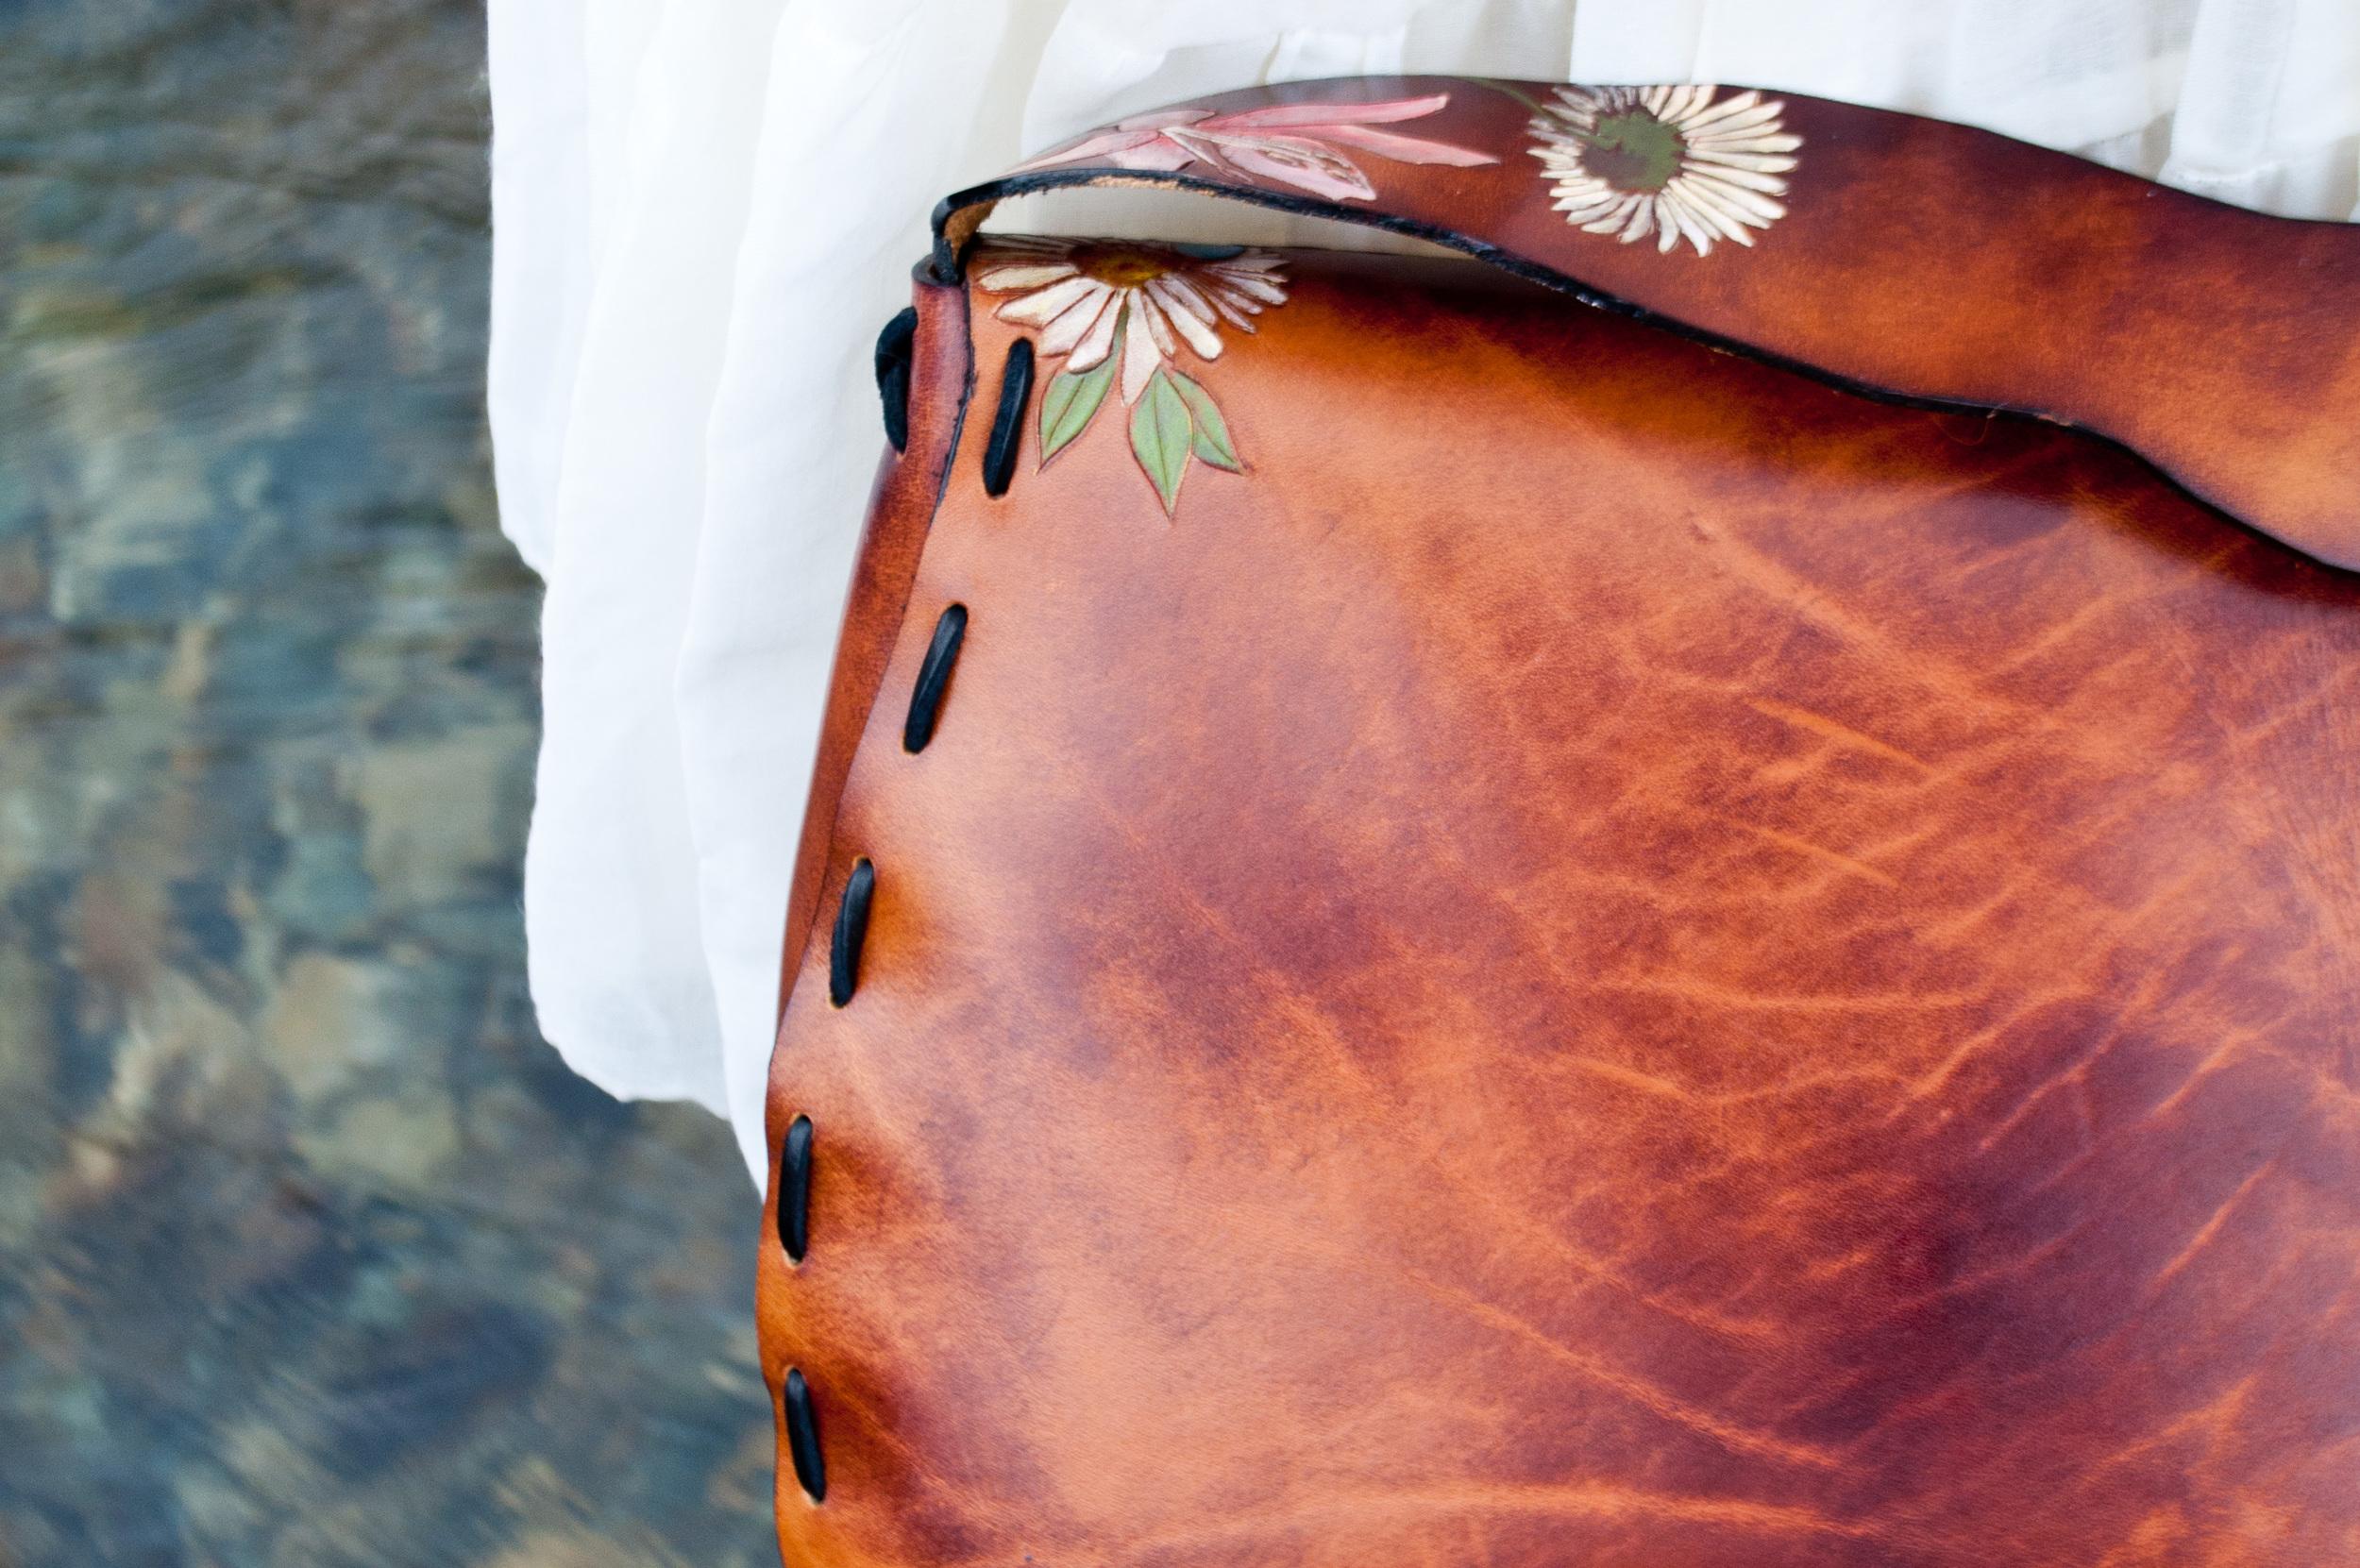 bag-for-cover-1-21.jpg